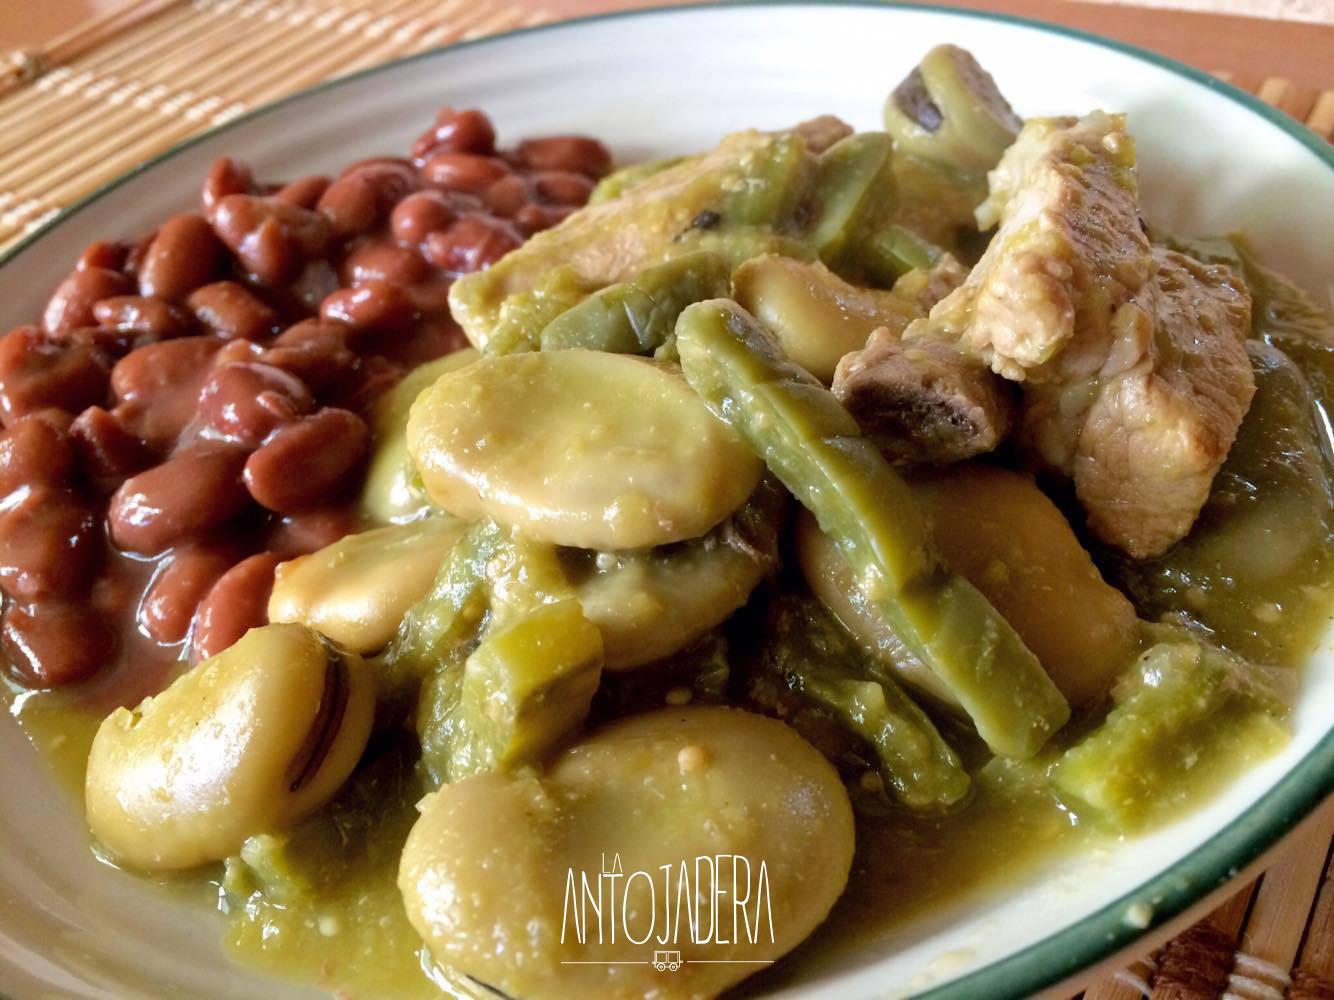 La Antojadera | Costillas de Puerco con Habas y Nopales en Salsa Verde